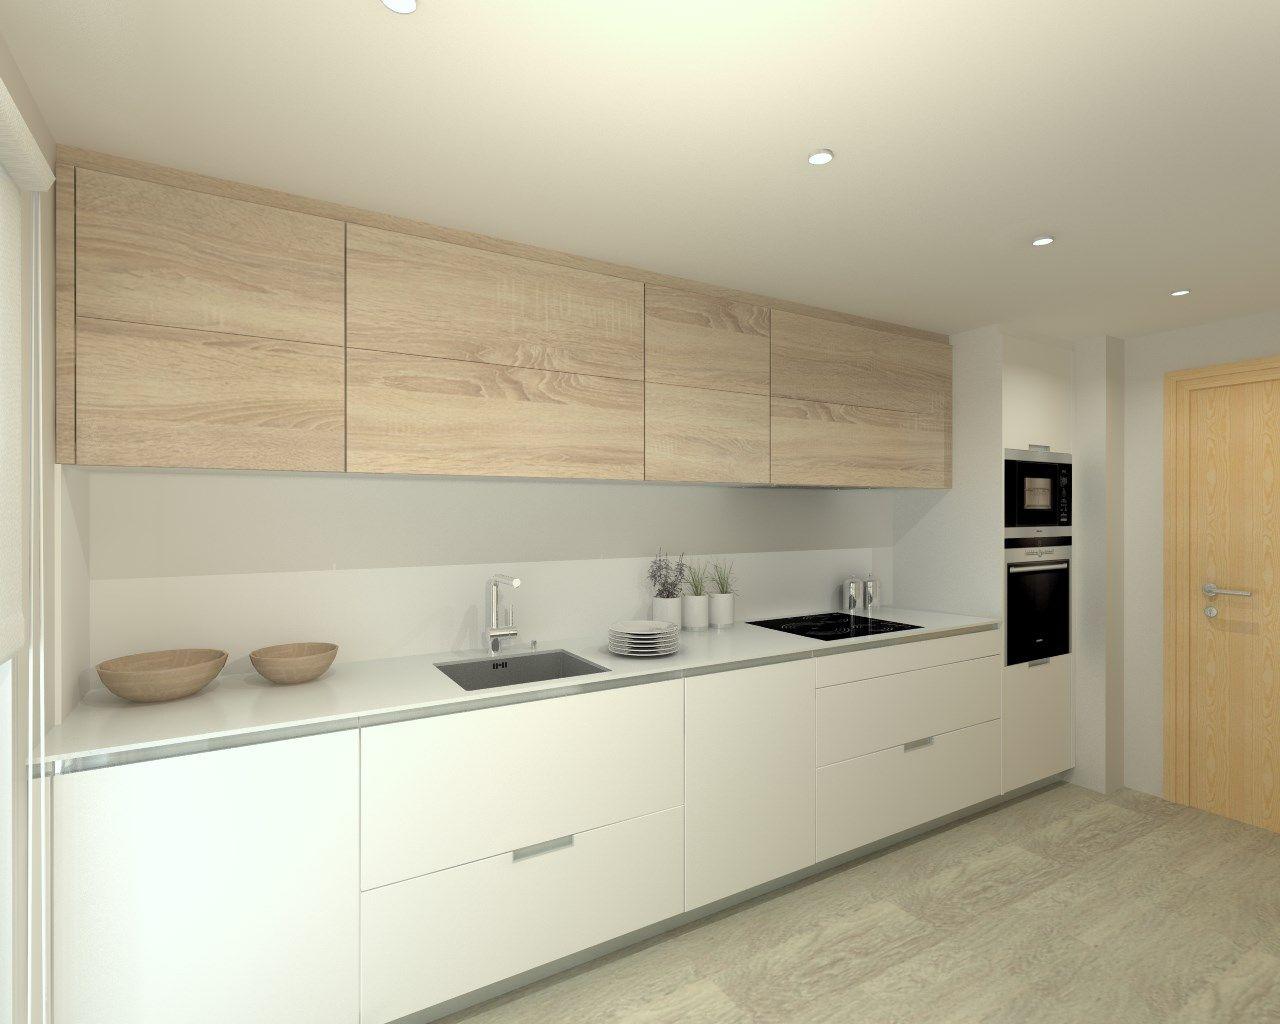 Proyectos de cocina en madrid cocina cocinas cocinas for Guardas para cocina modernas